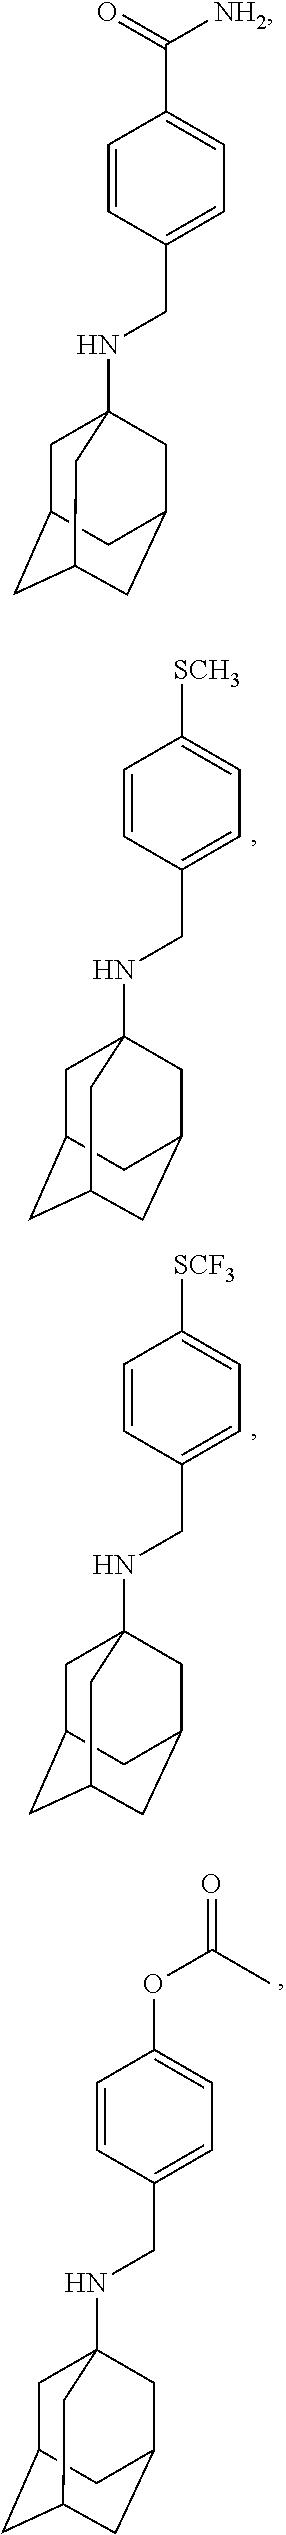 Figure US09884832-20180206-C00010